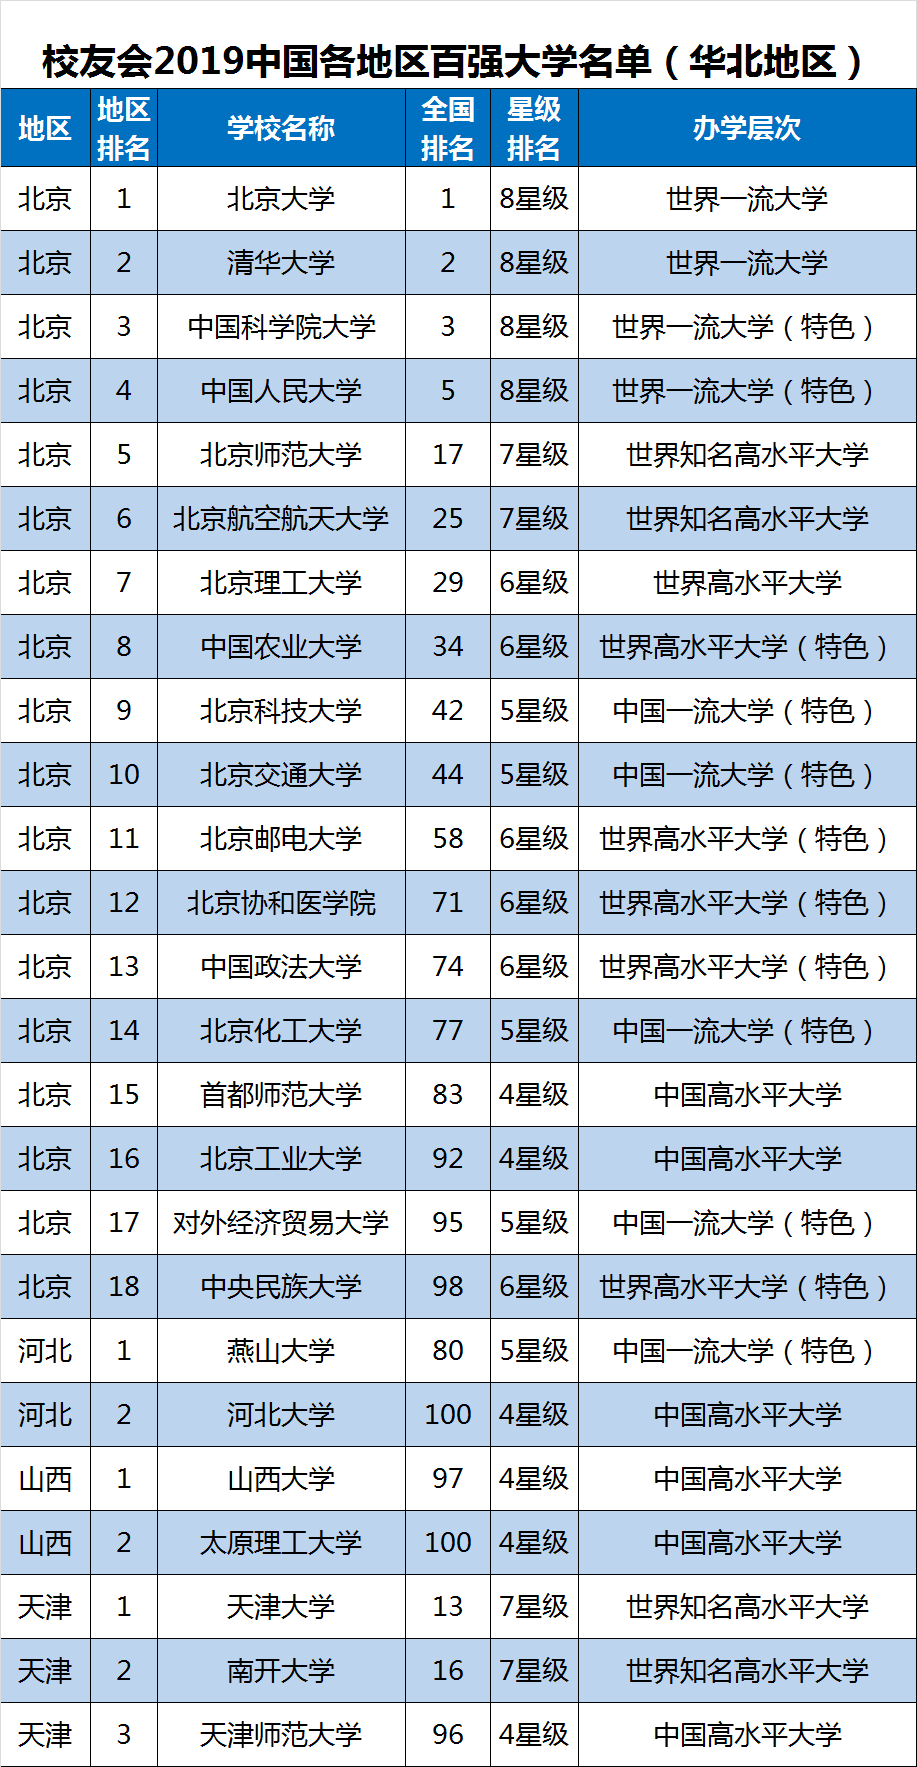 2019年民办高校排行榜_霸气 泰州这所高校稳居中国独立学院前十强,蝉联